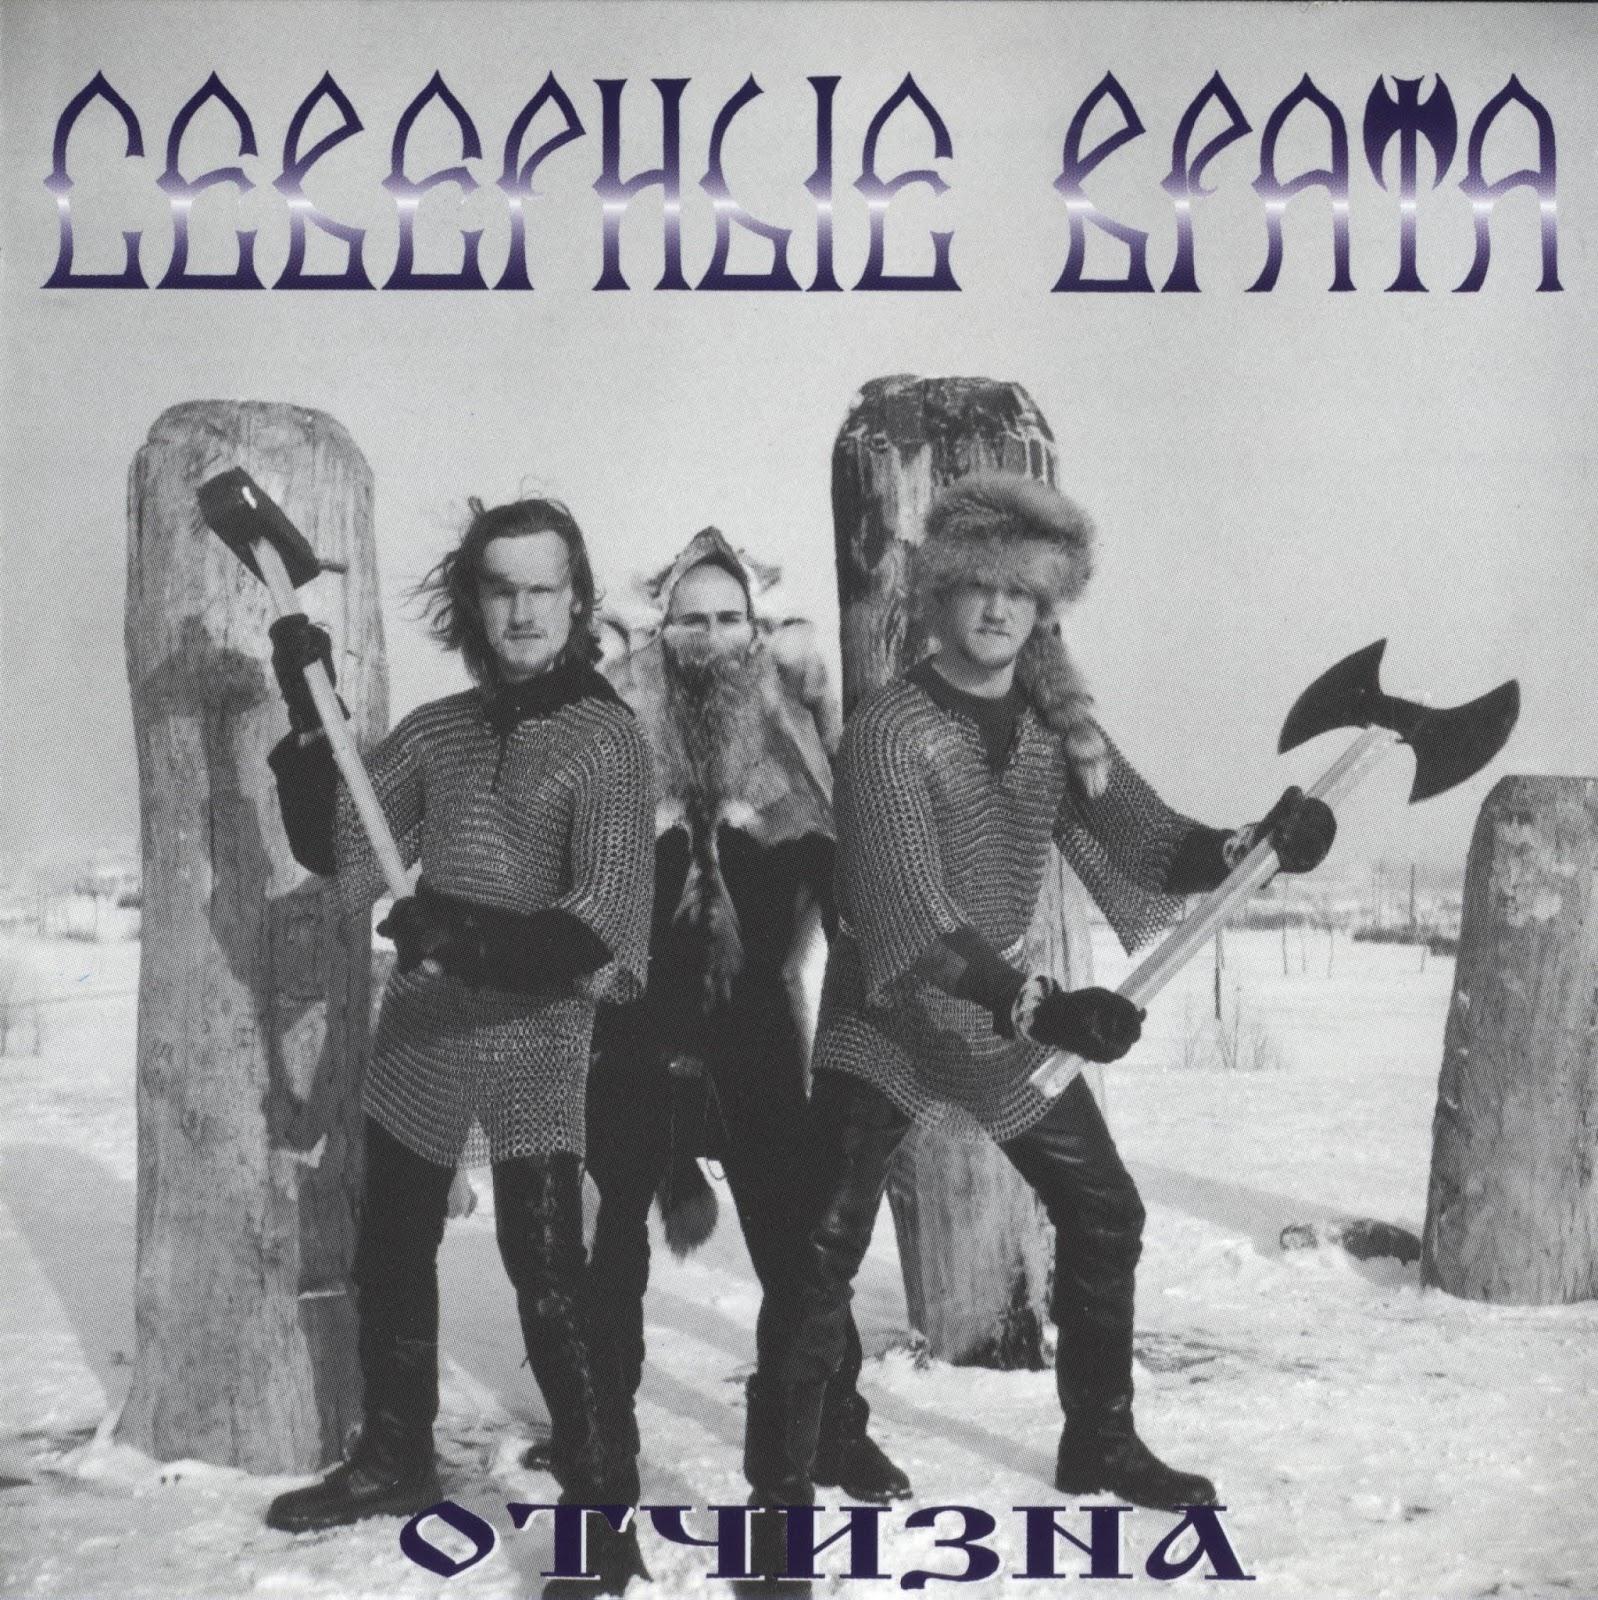 Северные Врата — Отчизна (2000)